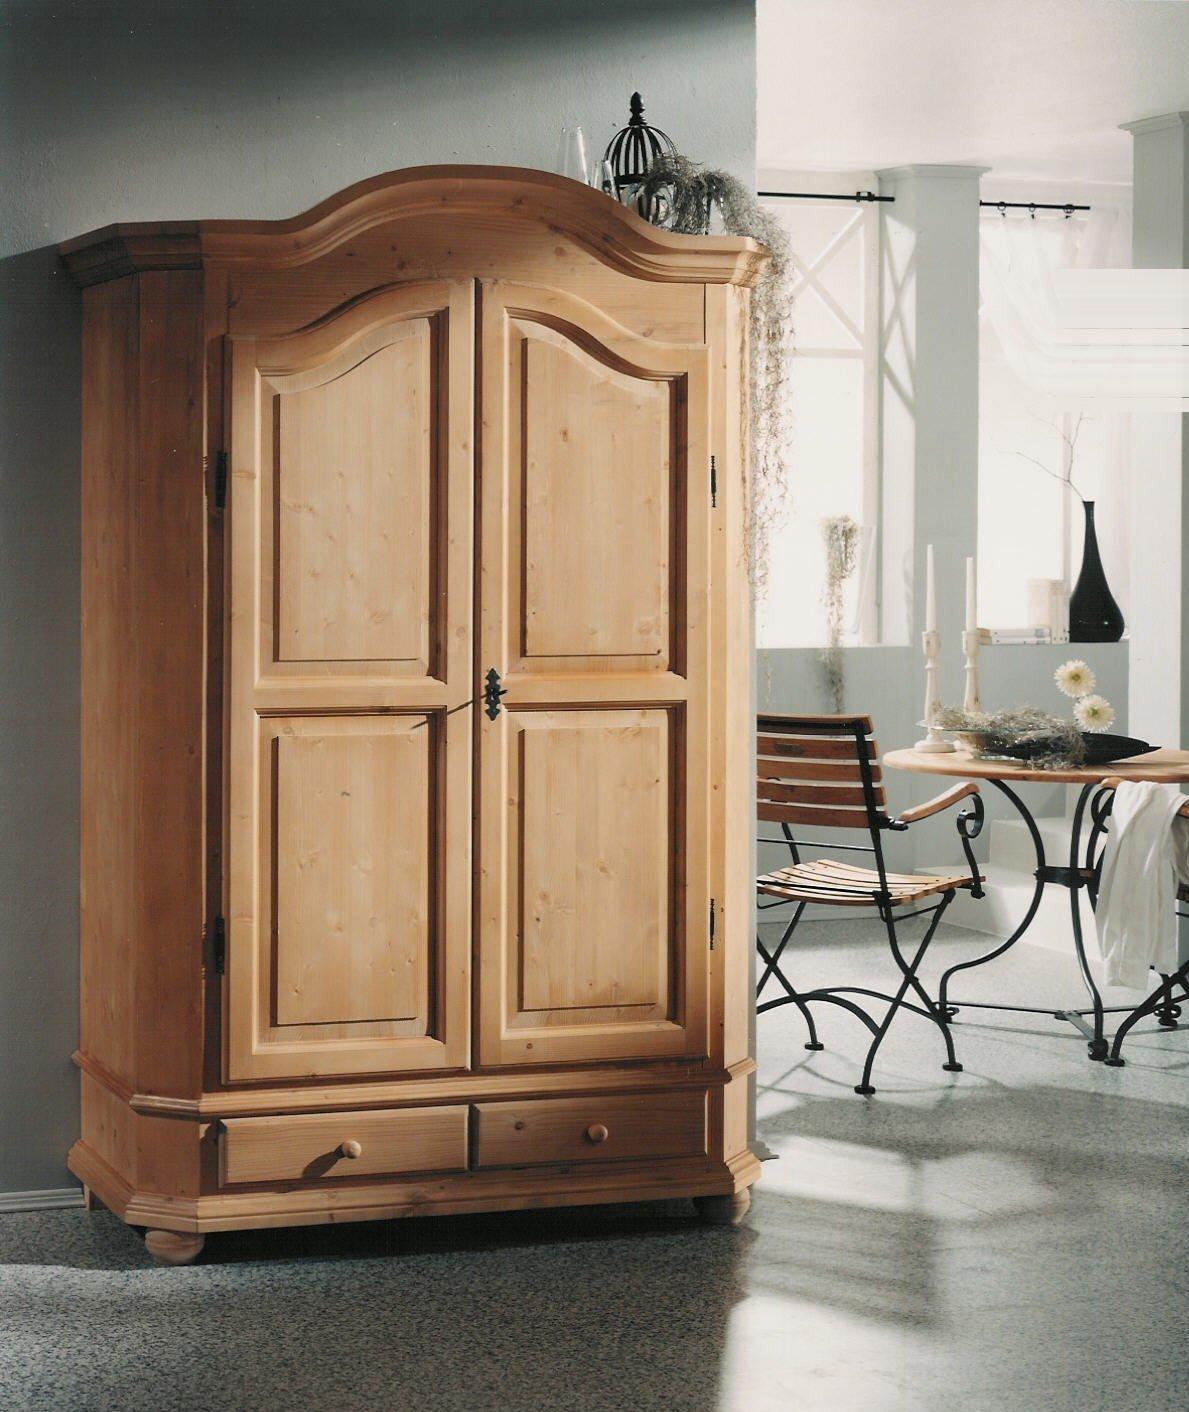 Gradel Schränke Bauernschrank mit 1 Kleiderstange, 1 Einlegeboden und 2 Schubkästen (zerlegbar) in Fichte massiv - Cortina lackiert